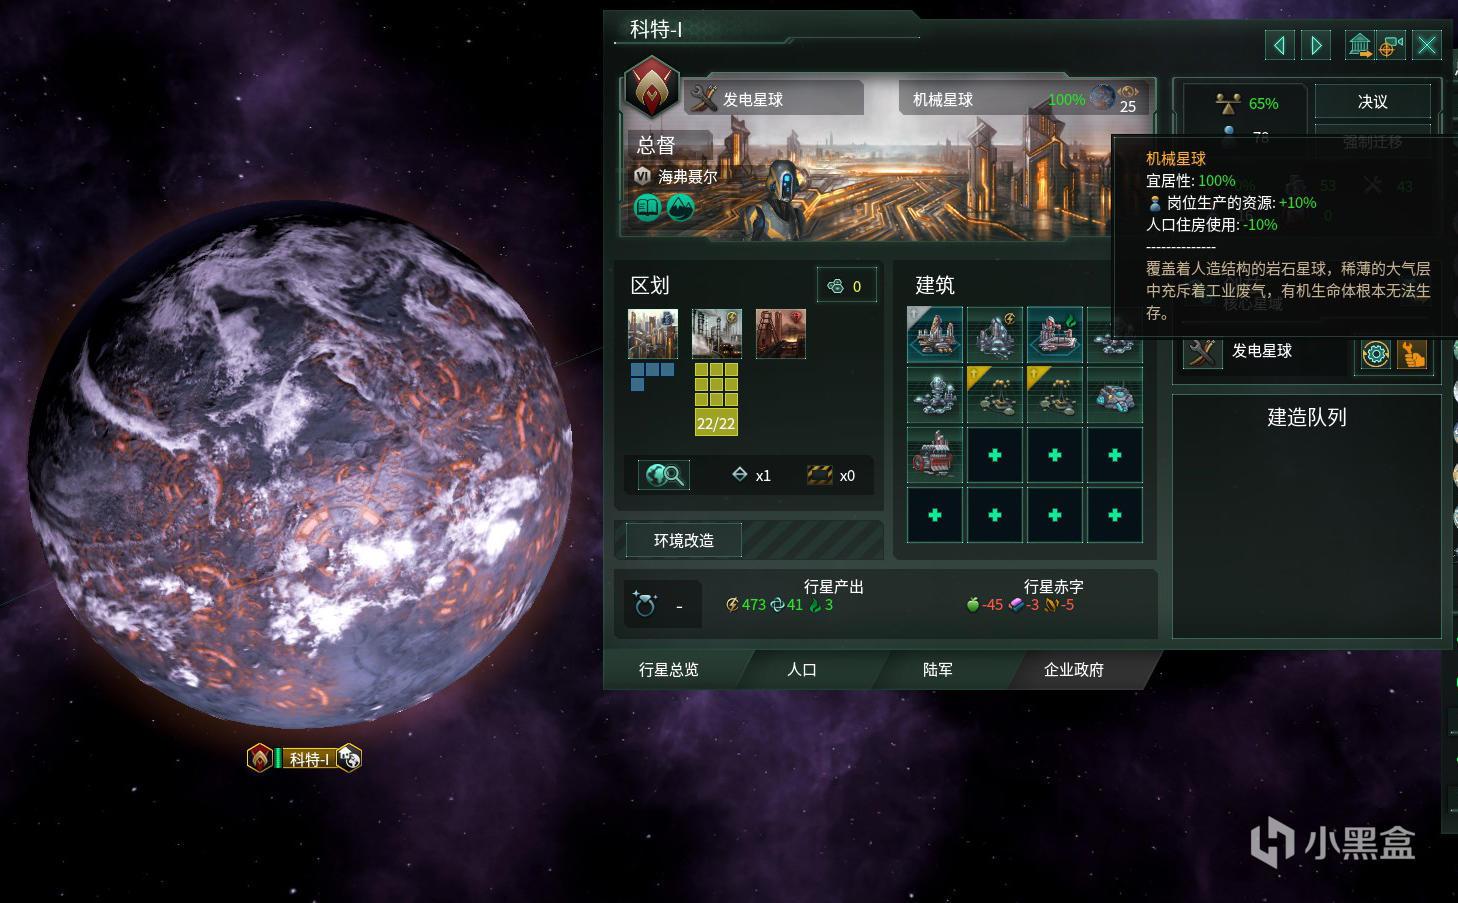 群星stellaris机械帝国萌新指南二:飞升天赋插图6